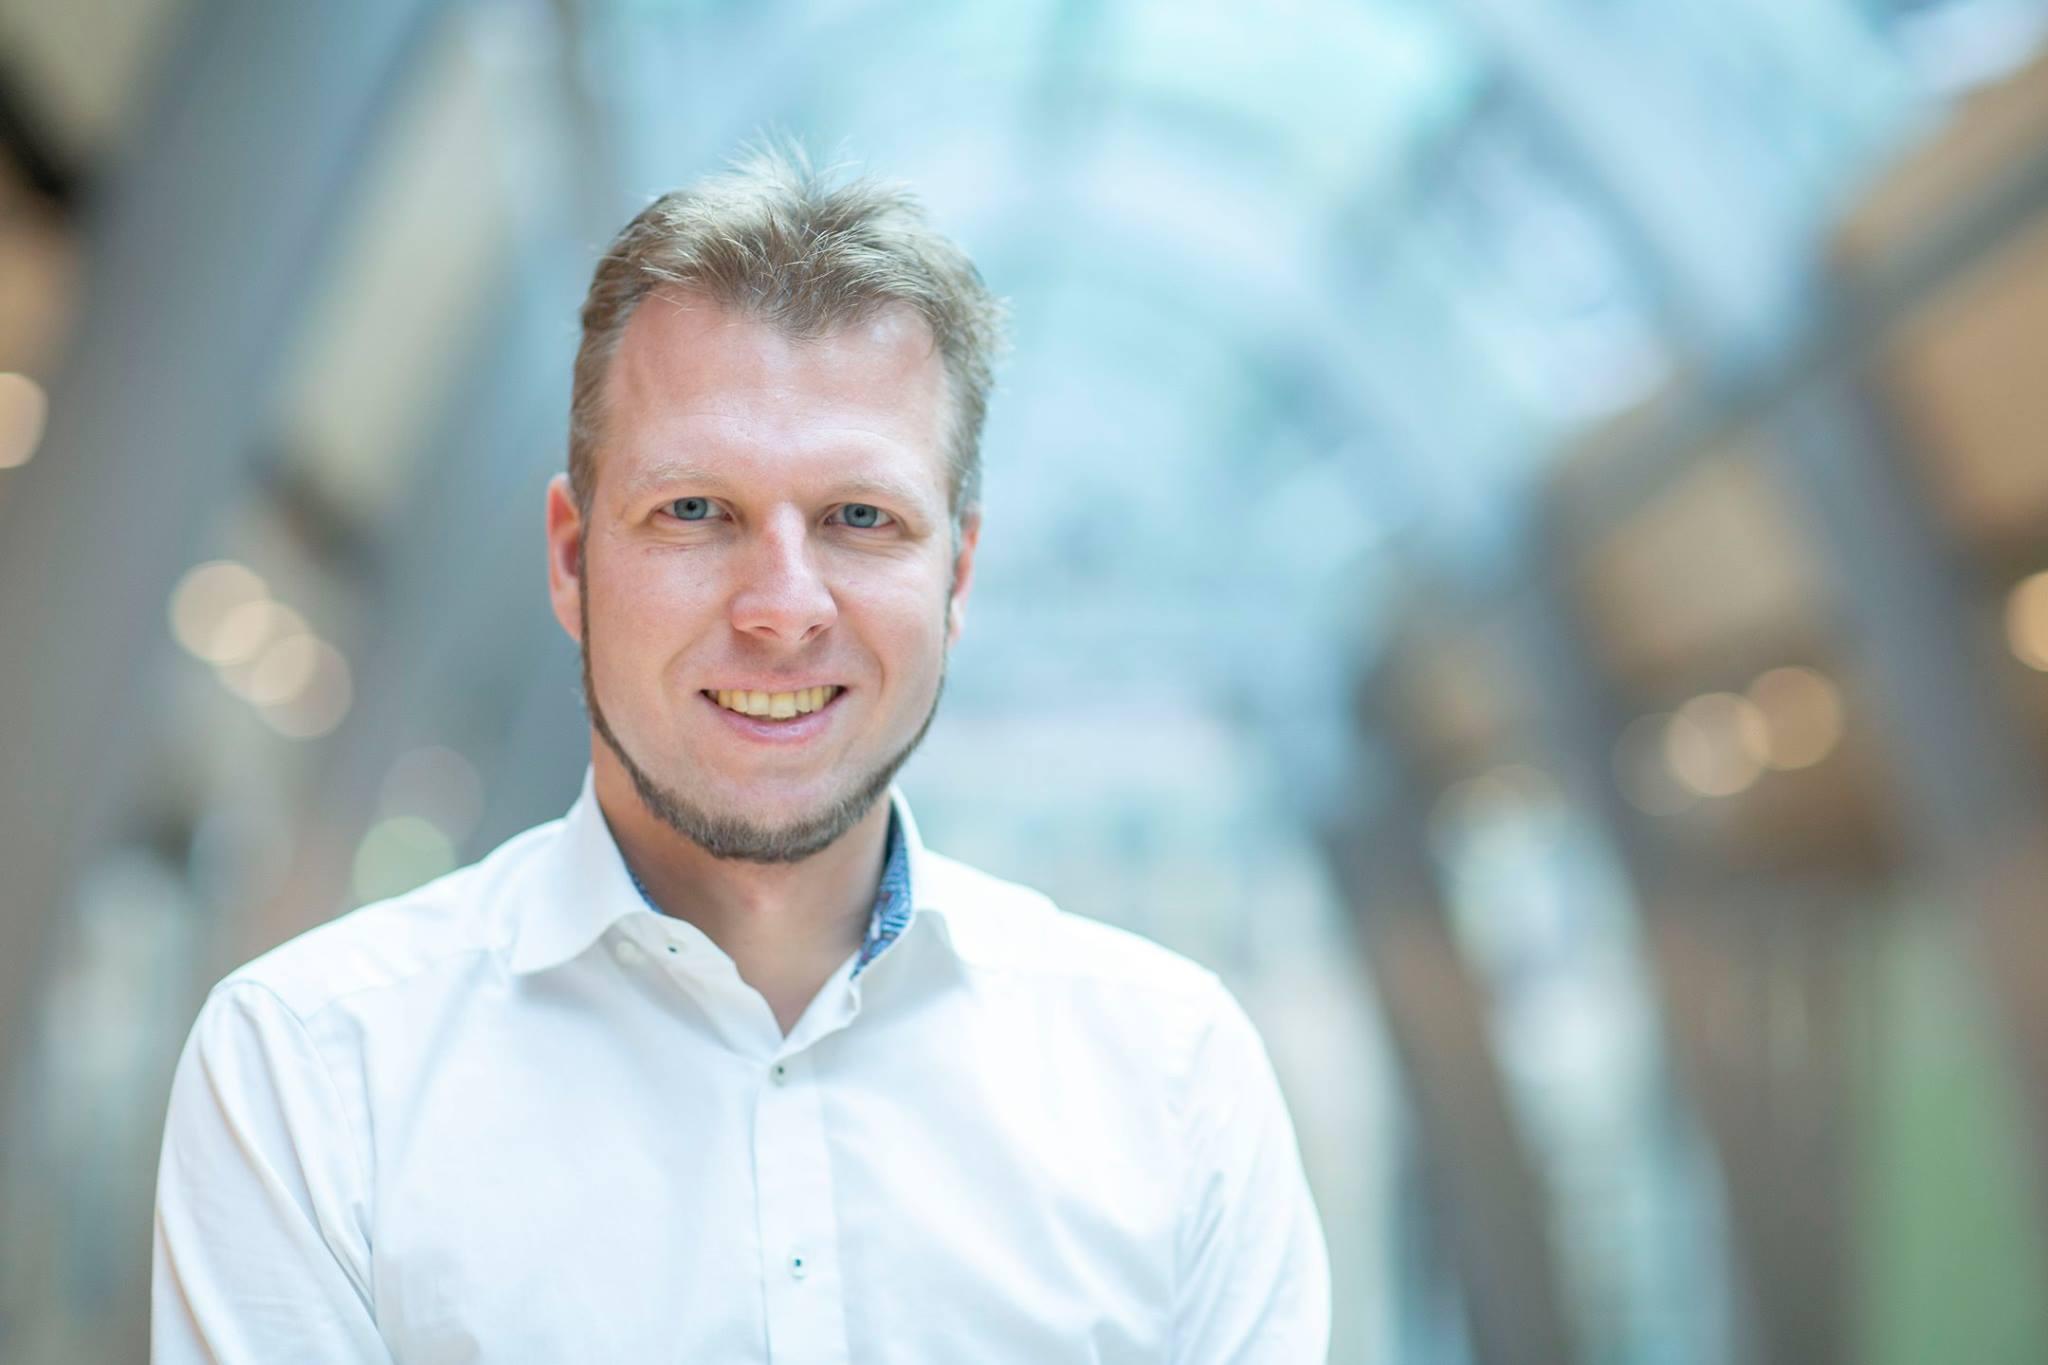 Jan-Timo Schaube Fotograf aus Hamburg